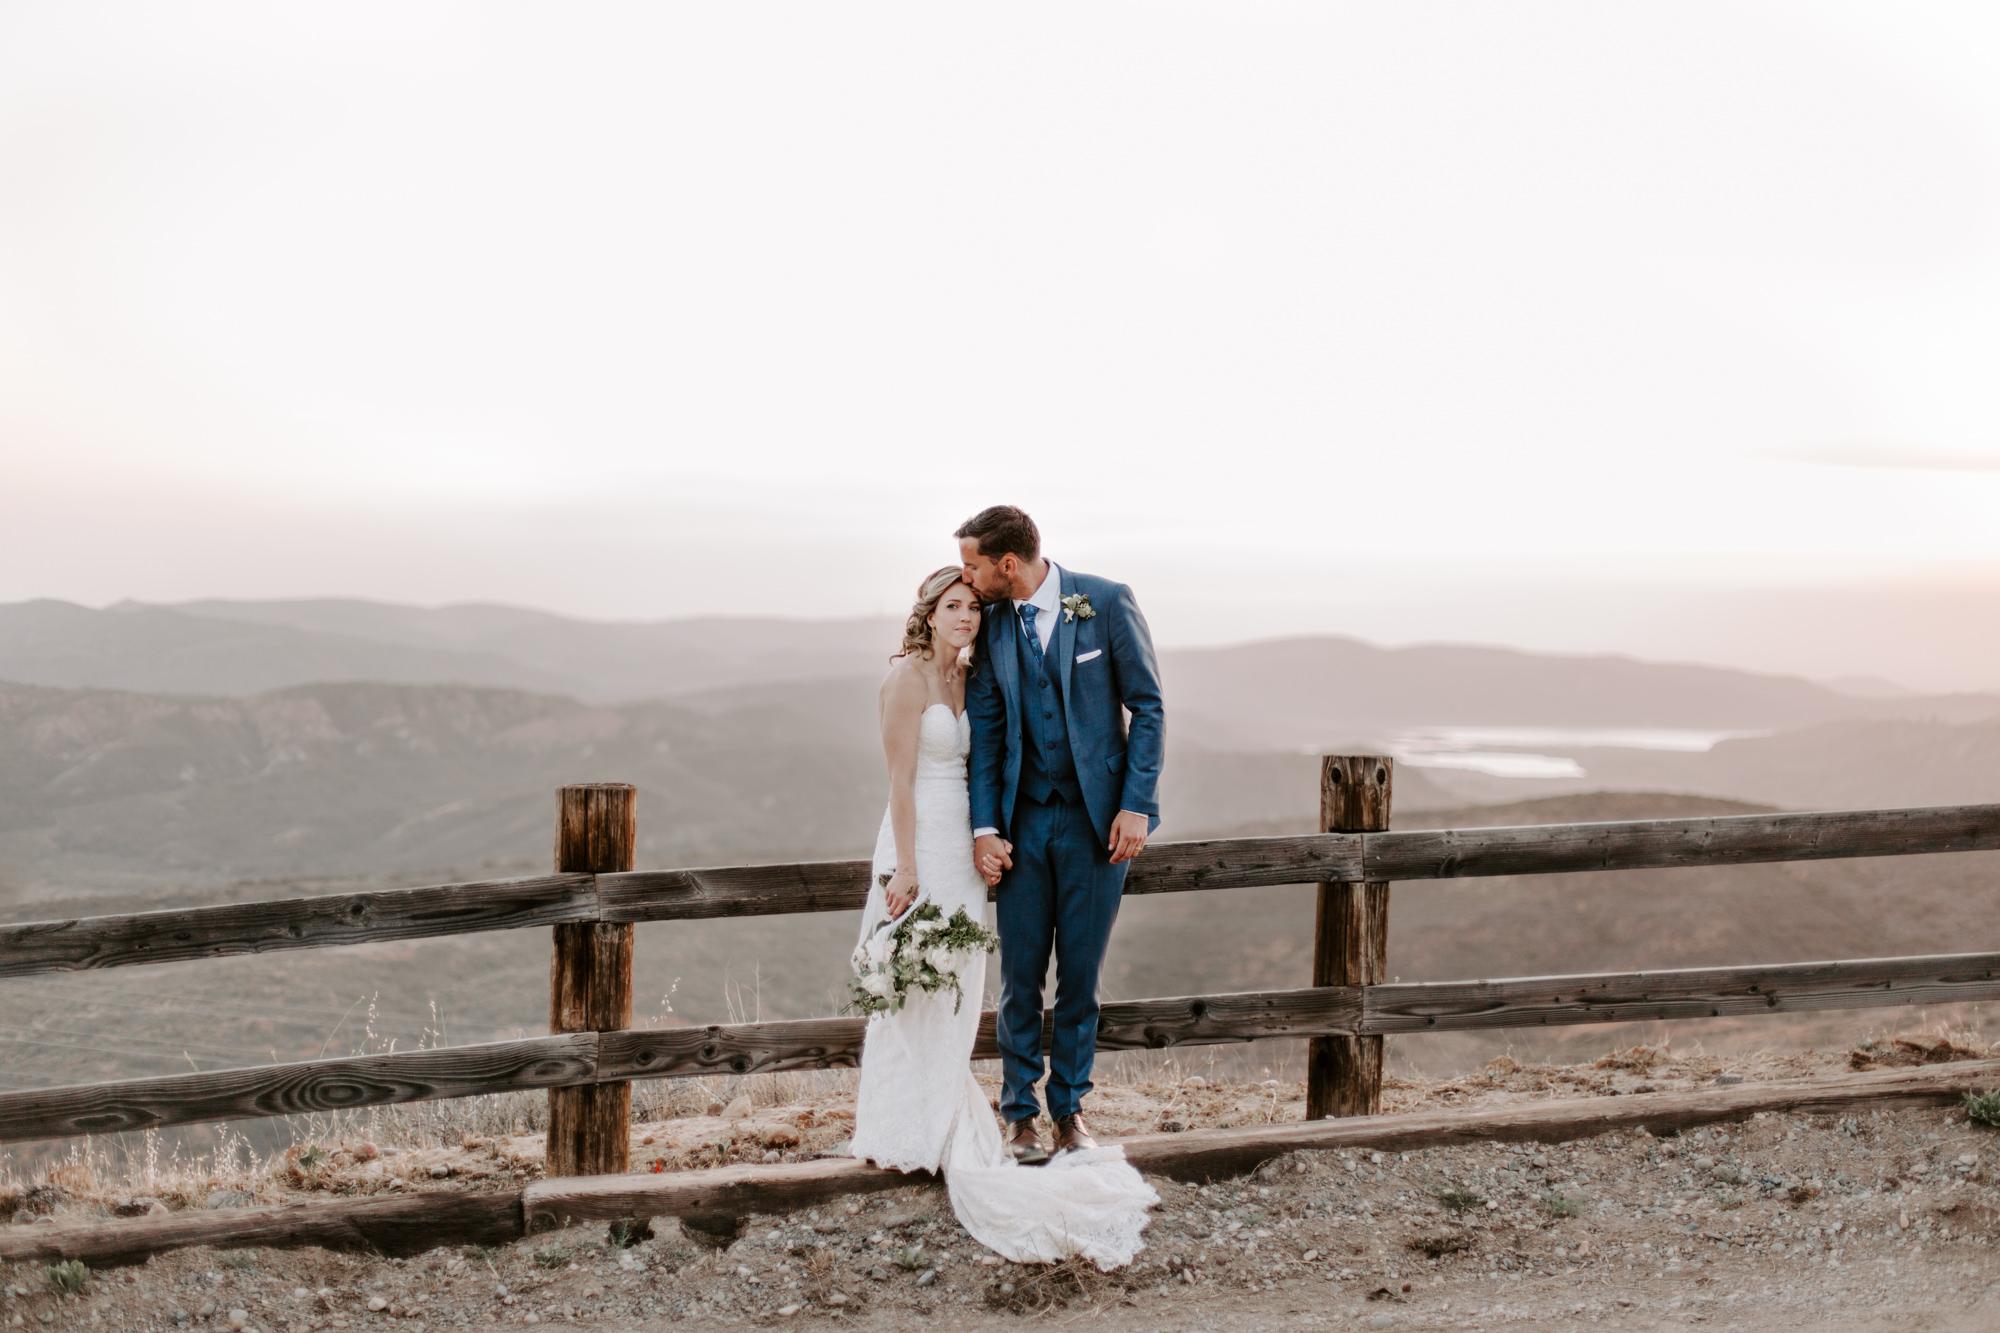 San Diego Wedding photography in Silverado Backyard Wedding063.jpg